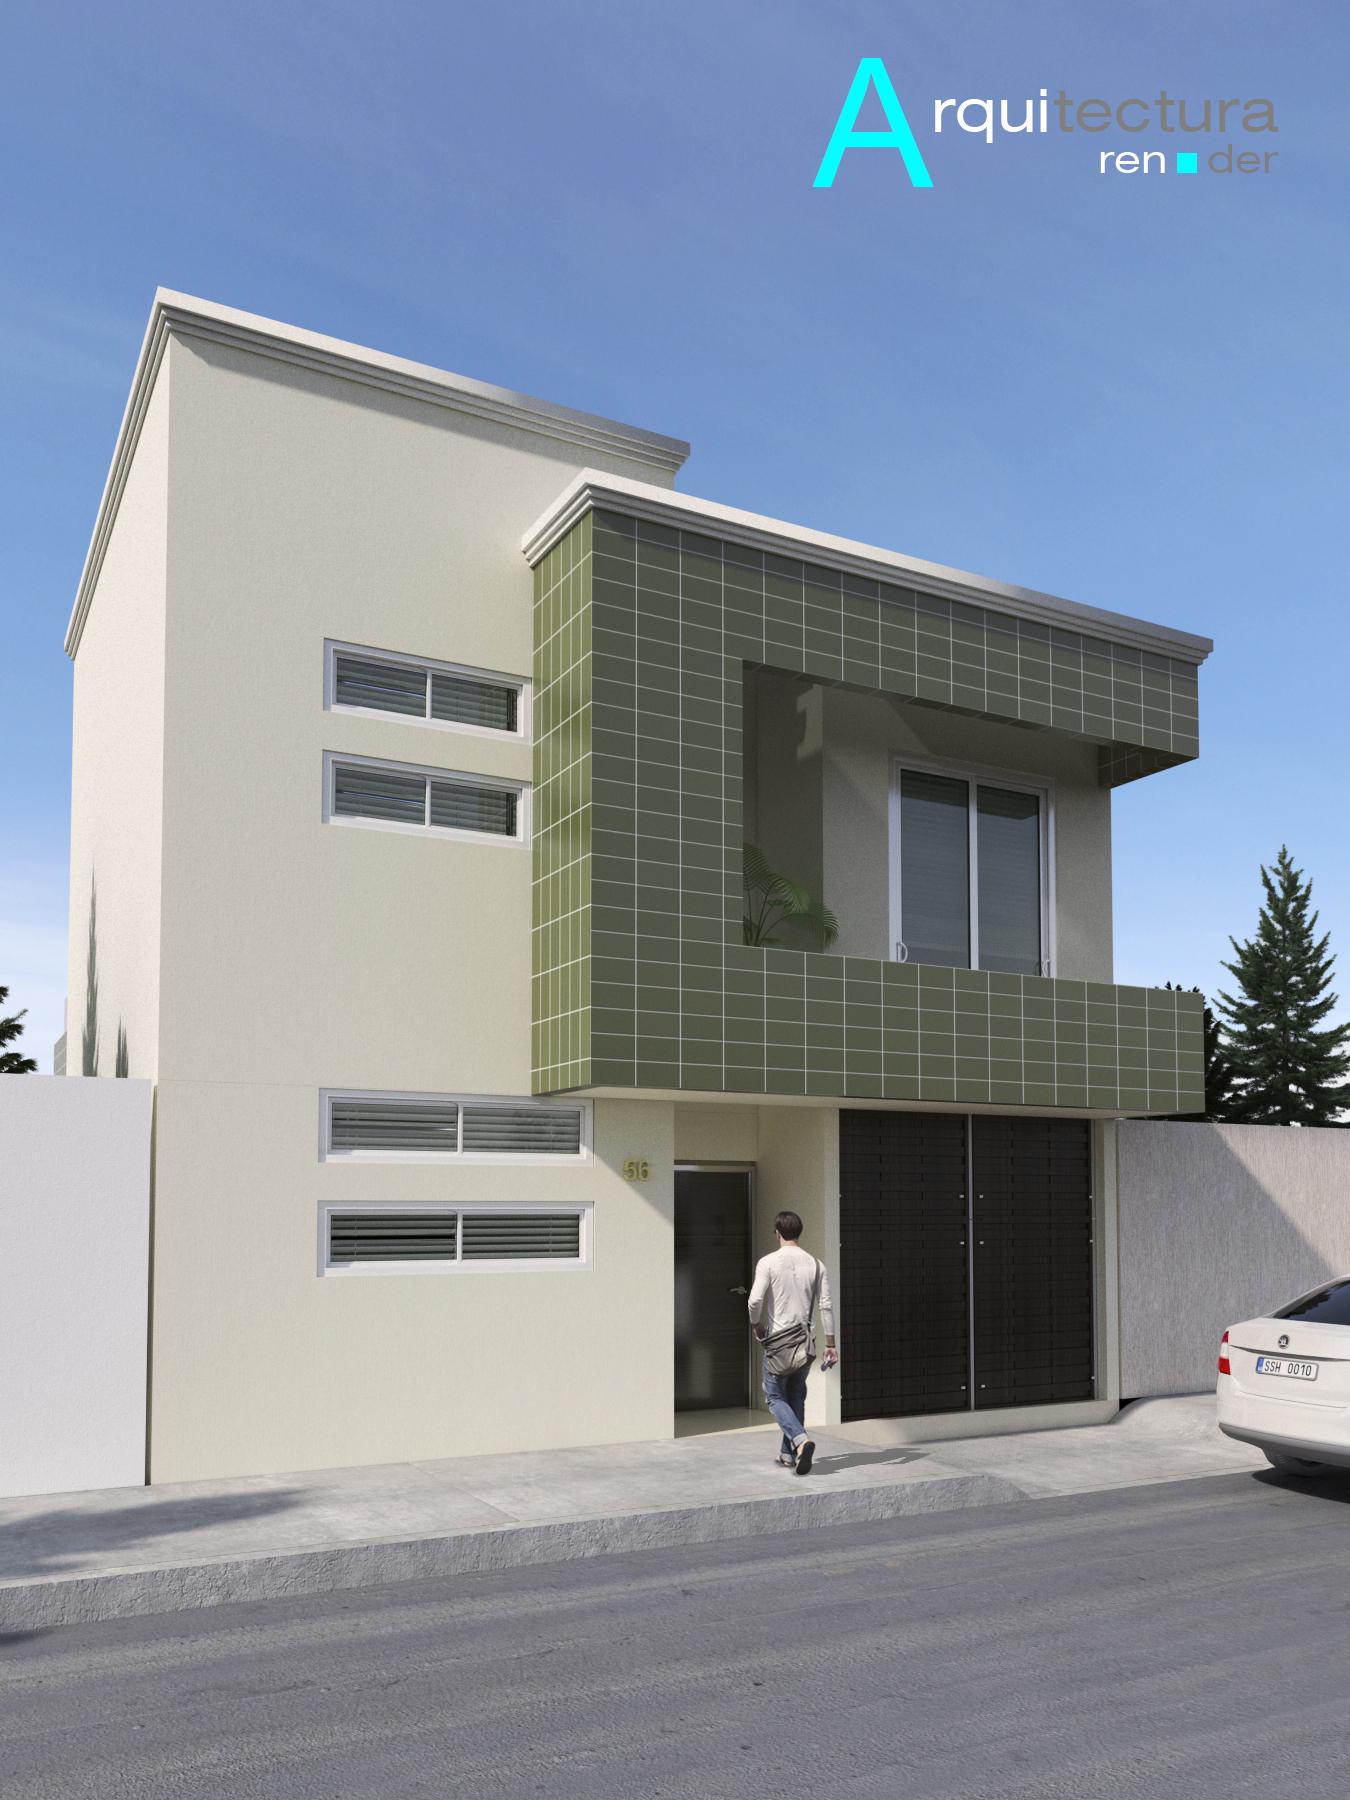 Render exterior de casa habitacion for Rendering casa gratis